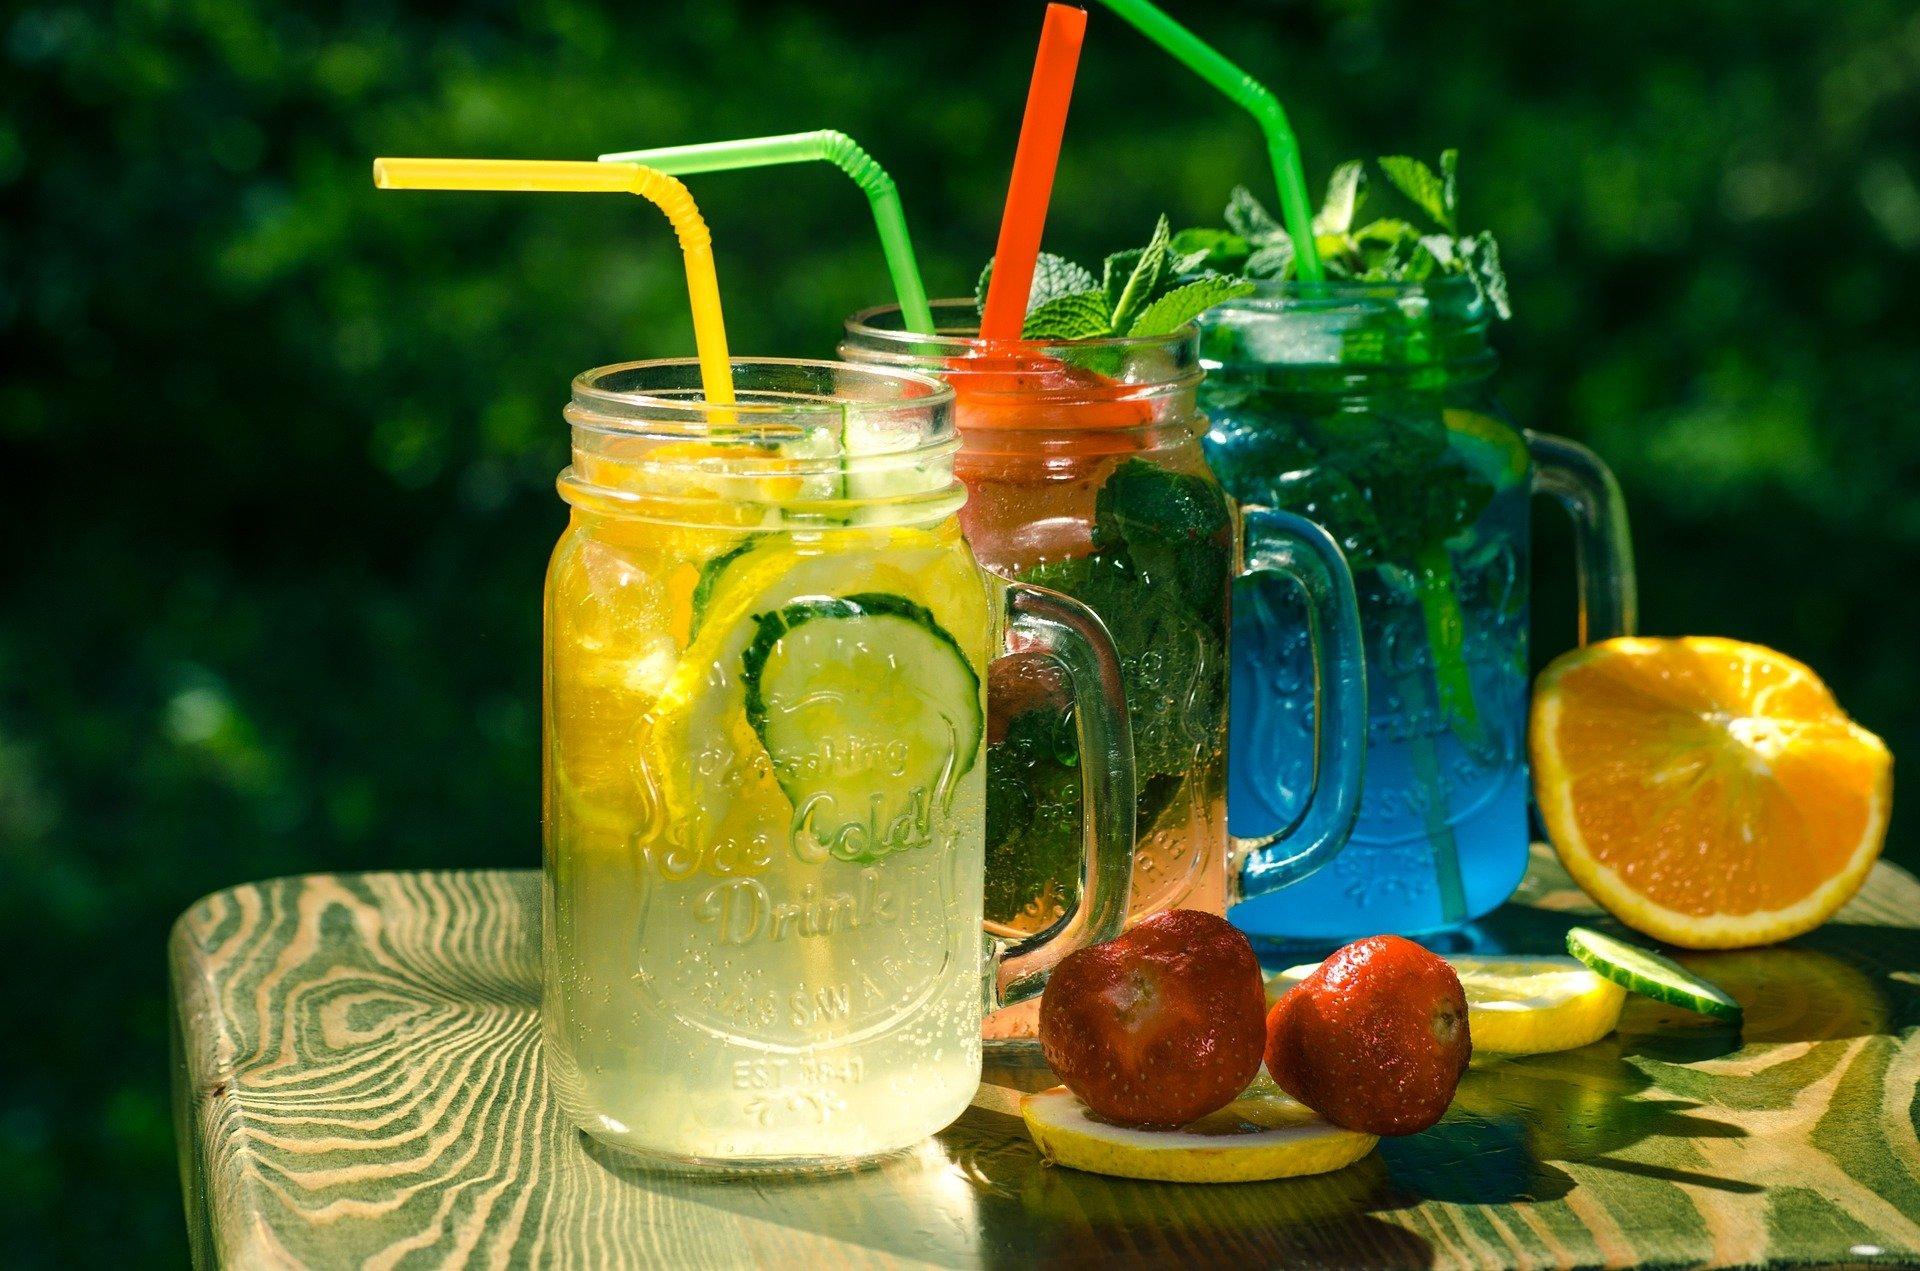 Limonade in verschiedenen Farben